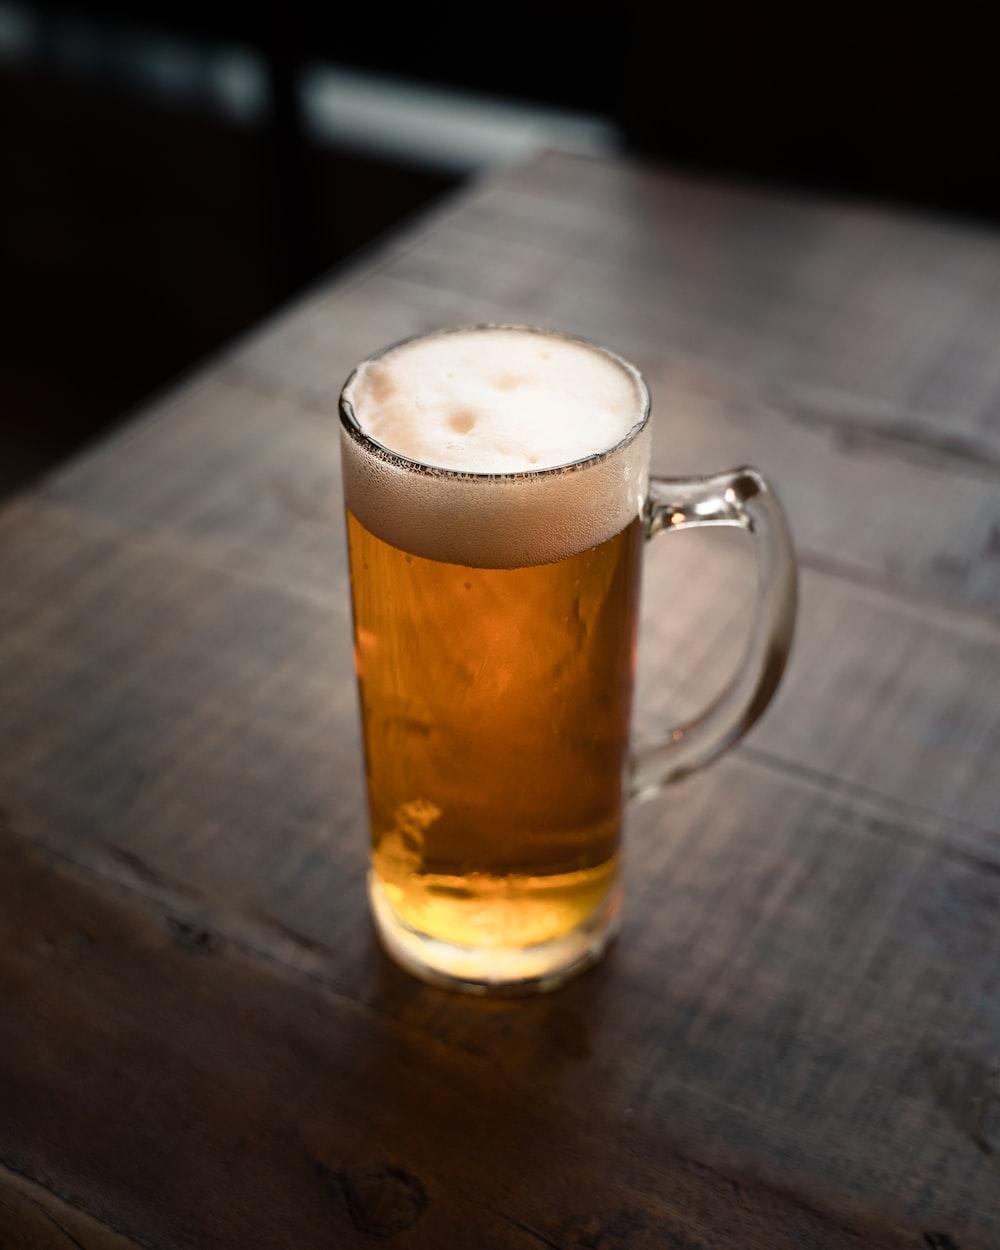 full clear glass beer mug